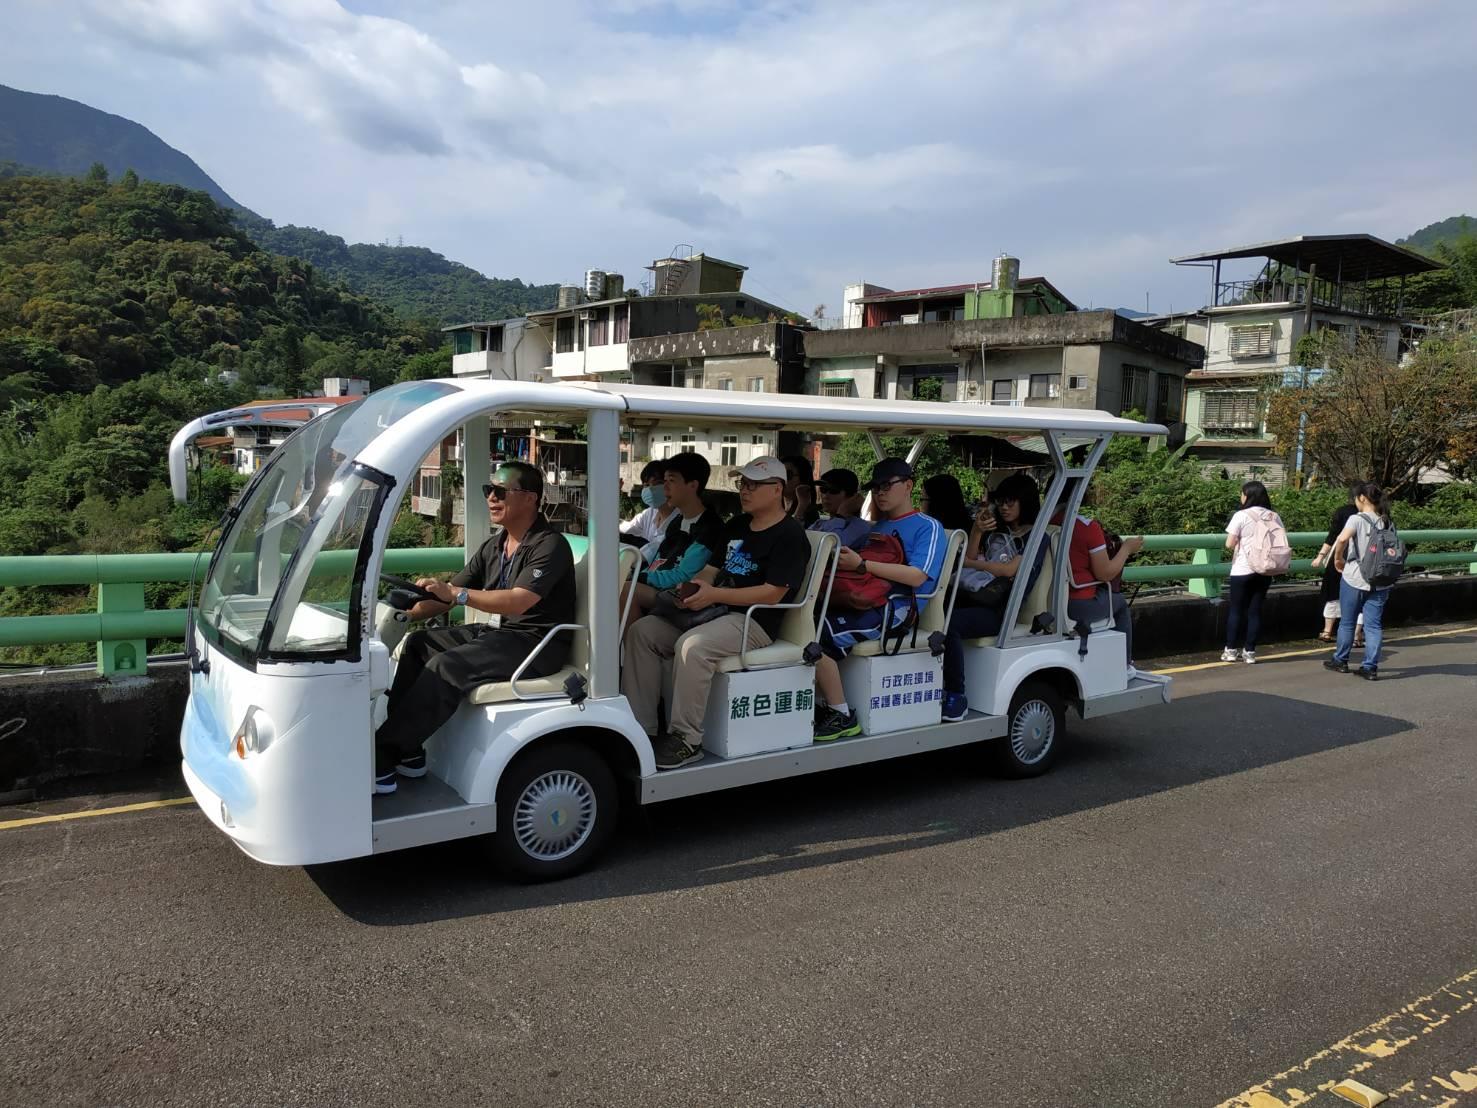 圖片說明:電動車於水庫大門接駁民眾前往水資館